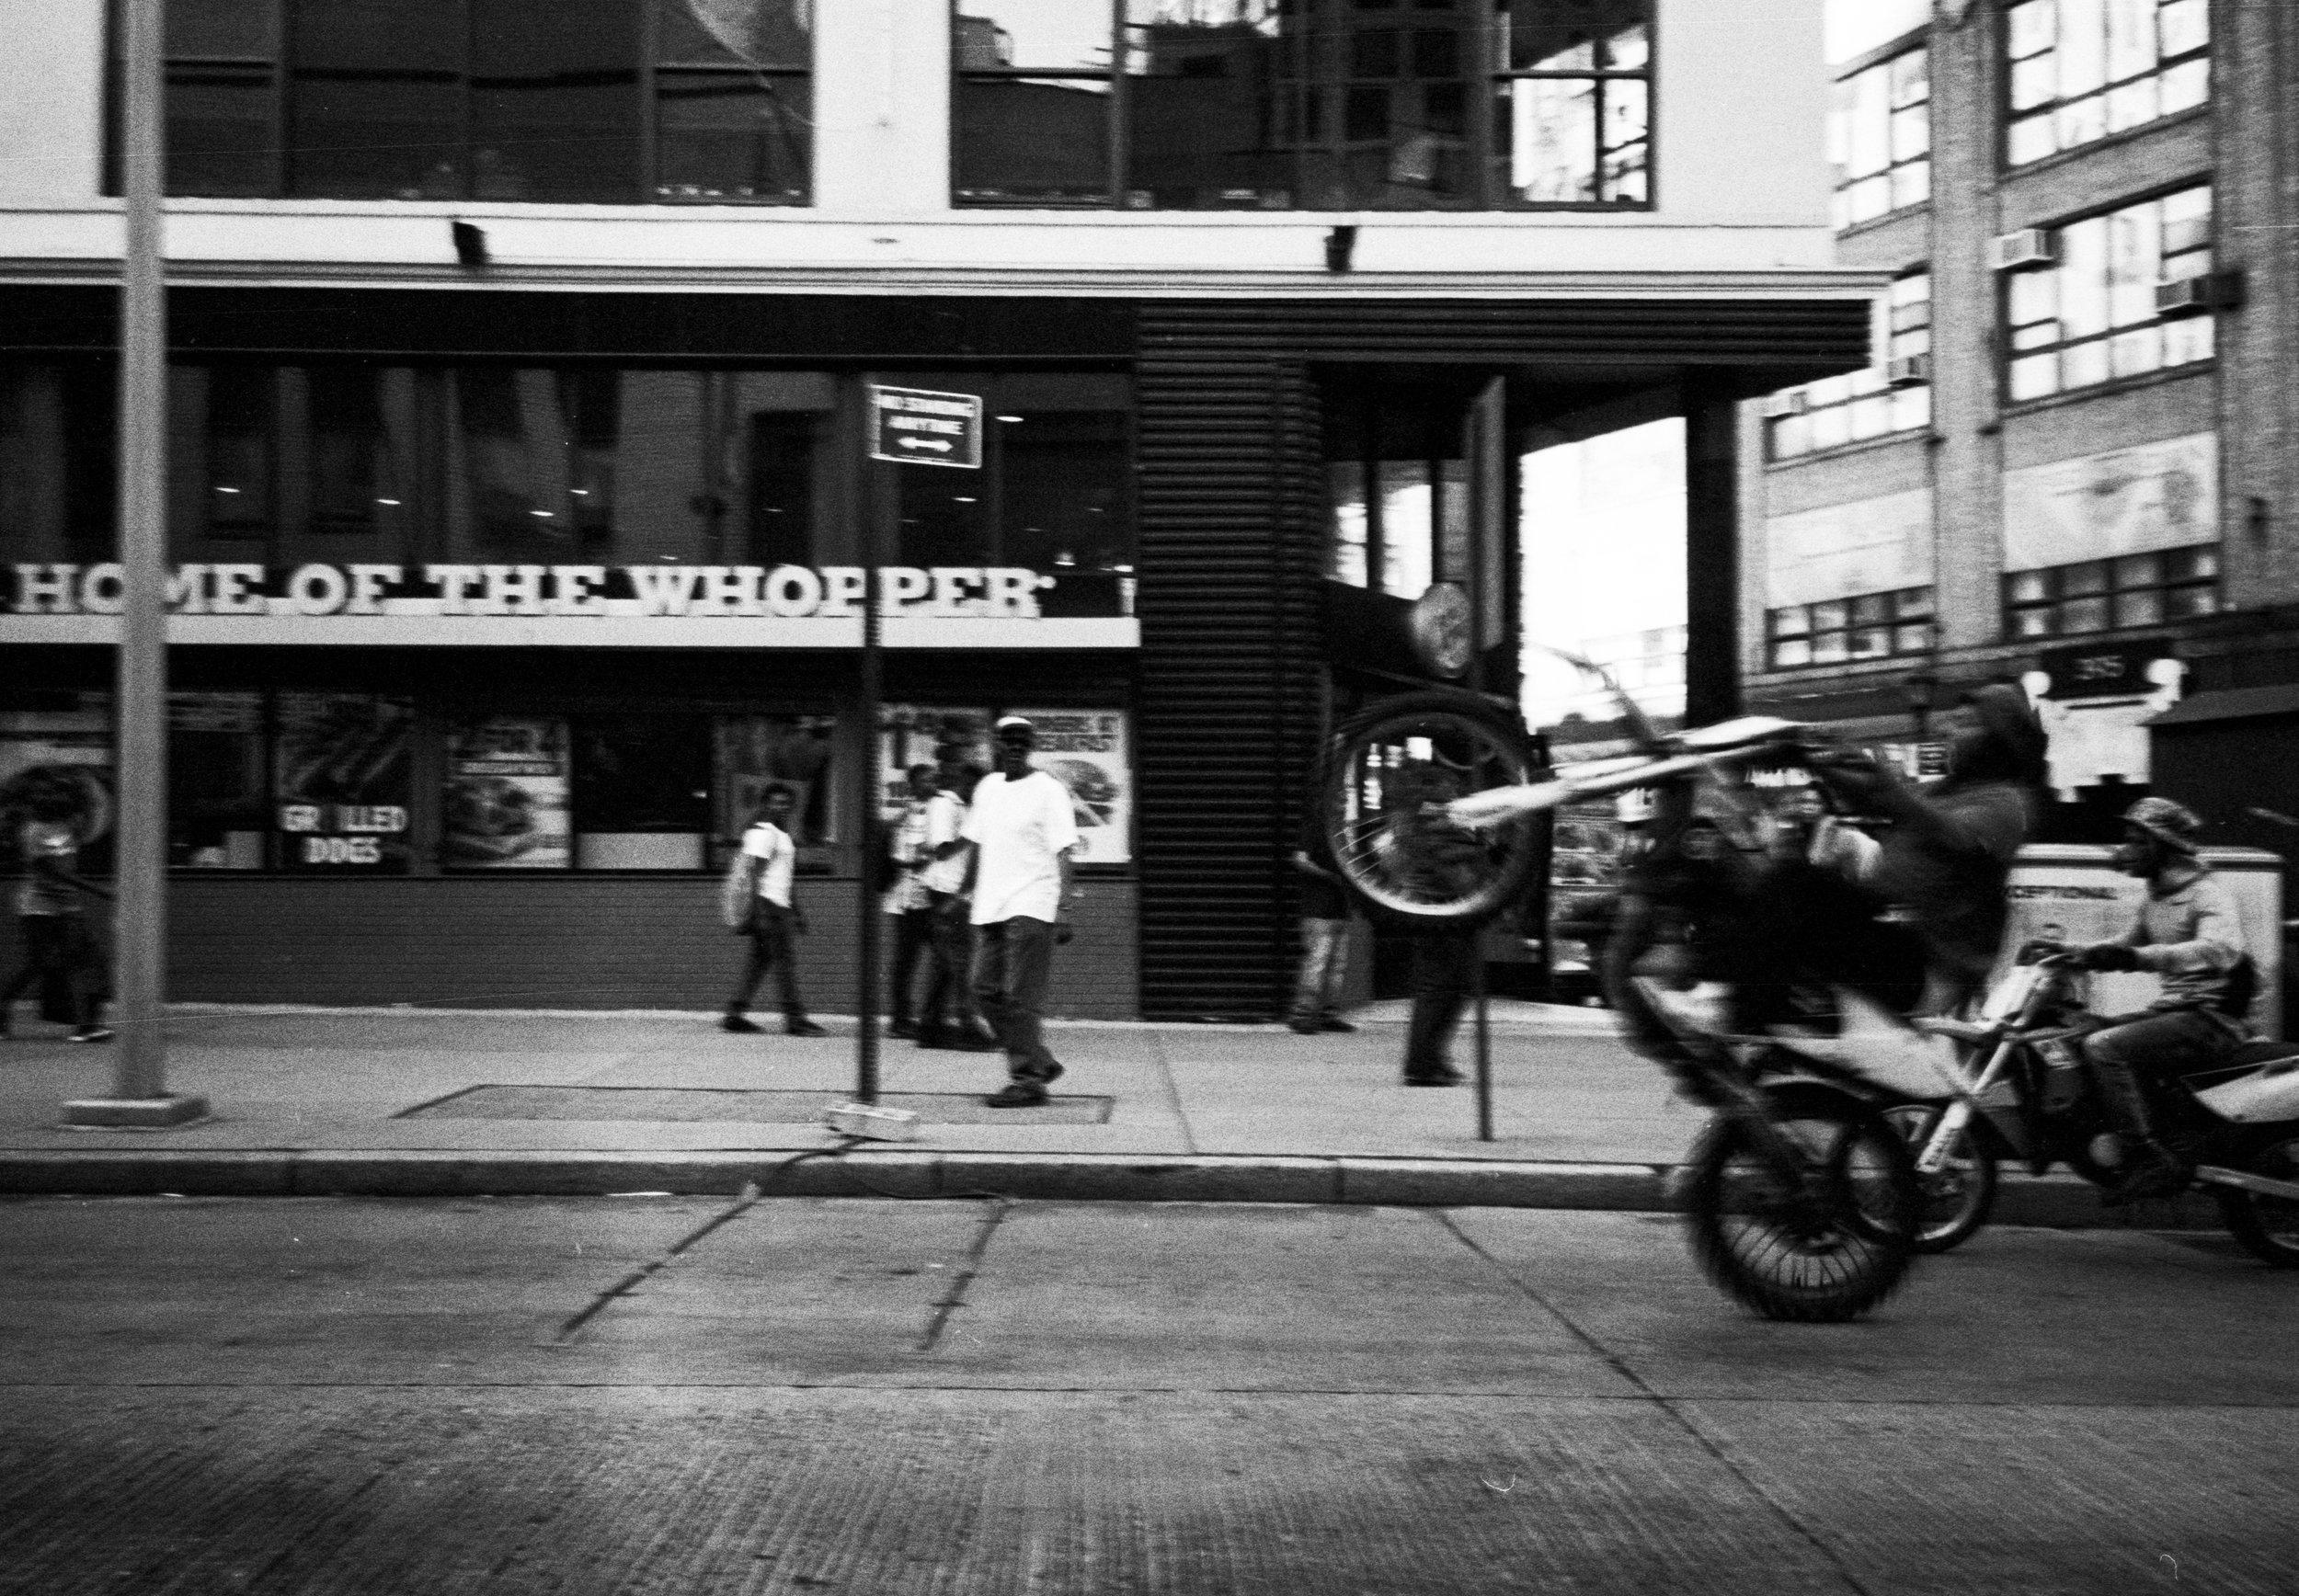 NYCWLK2_GR-1.jpg